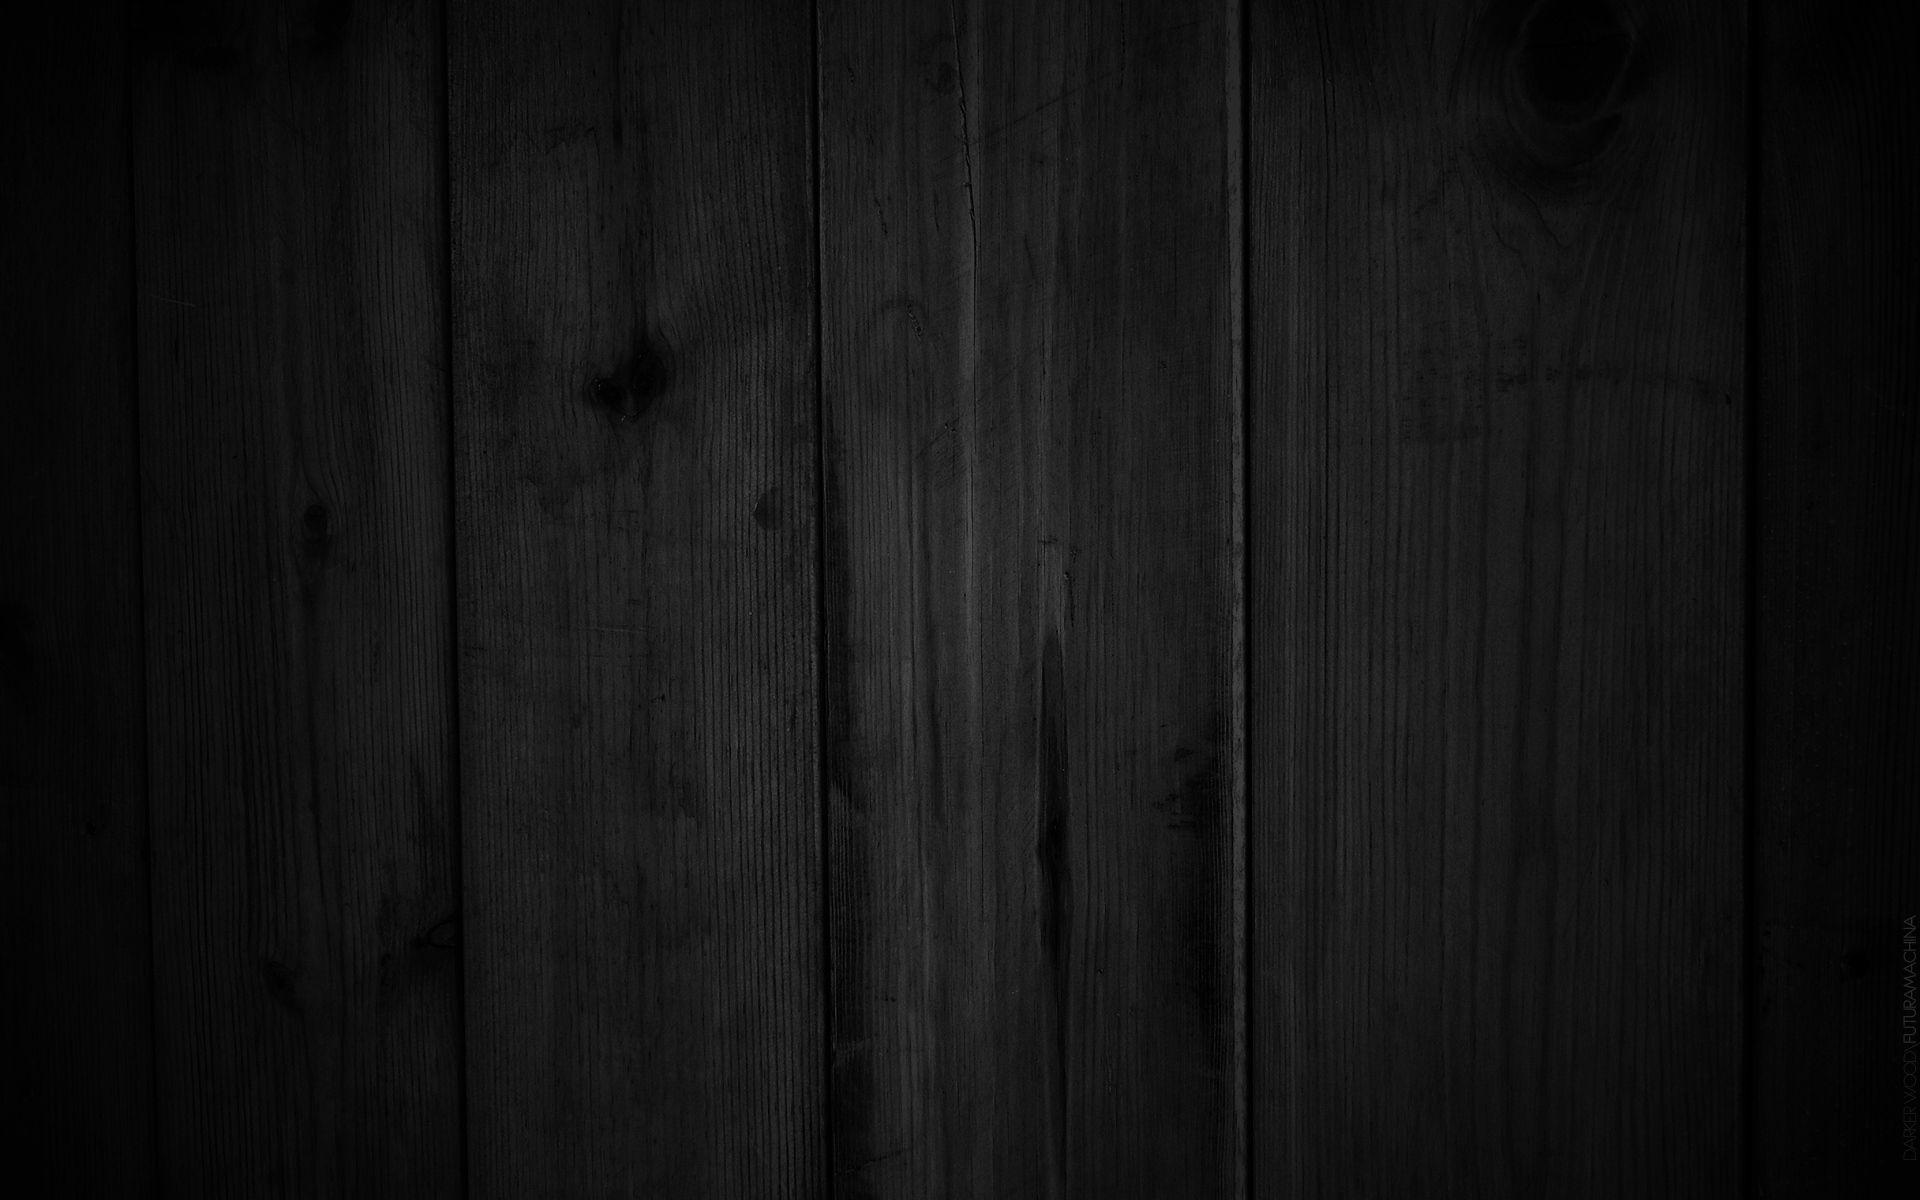 78640 скачать обои Текстуры, Деревянный, Темный, Фон, Текстура - заставки и картинки бесплатно